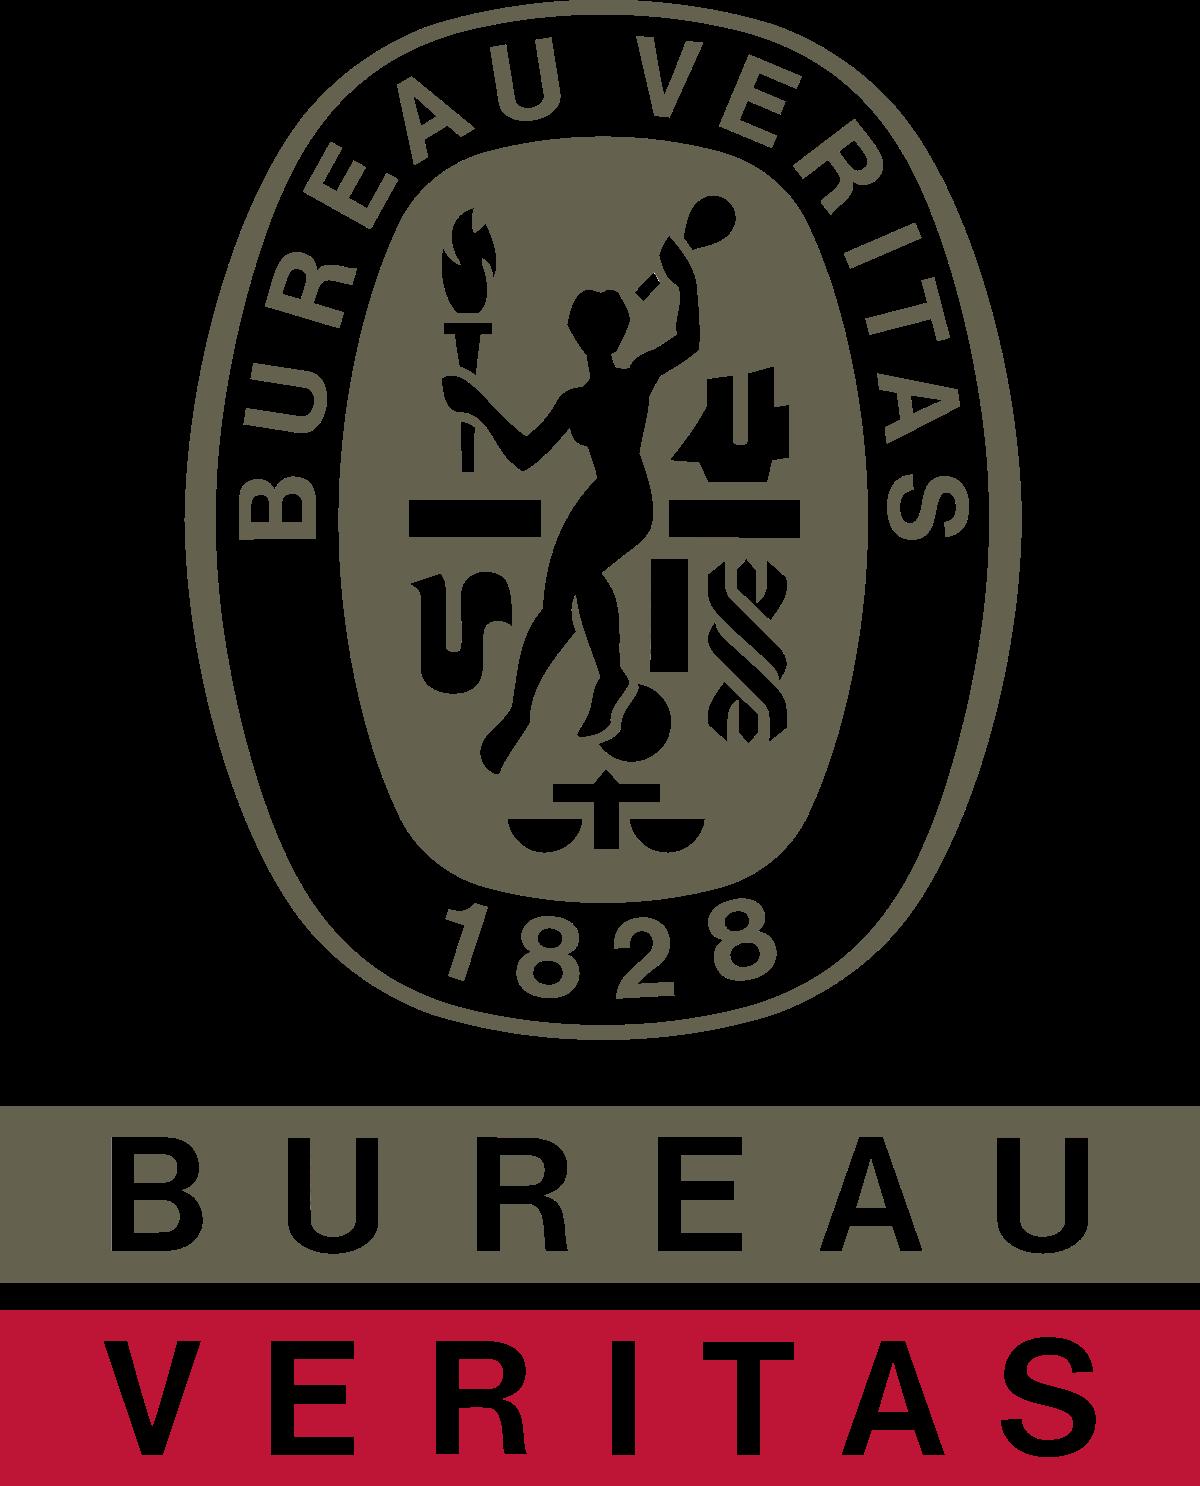 Artisan Bureau Veritas Béziers